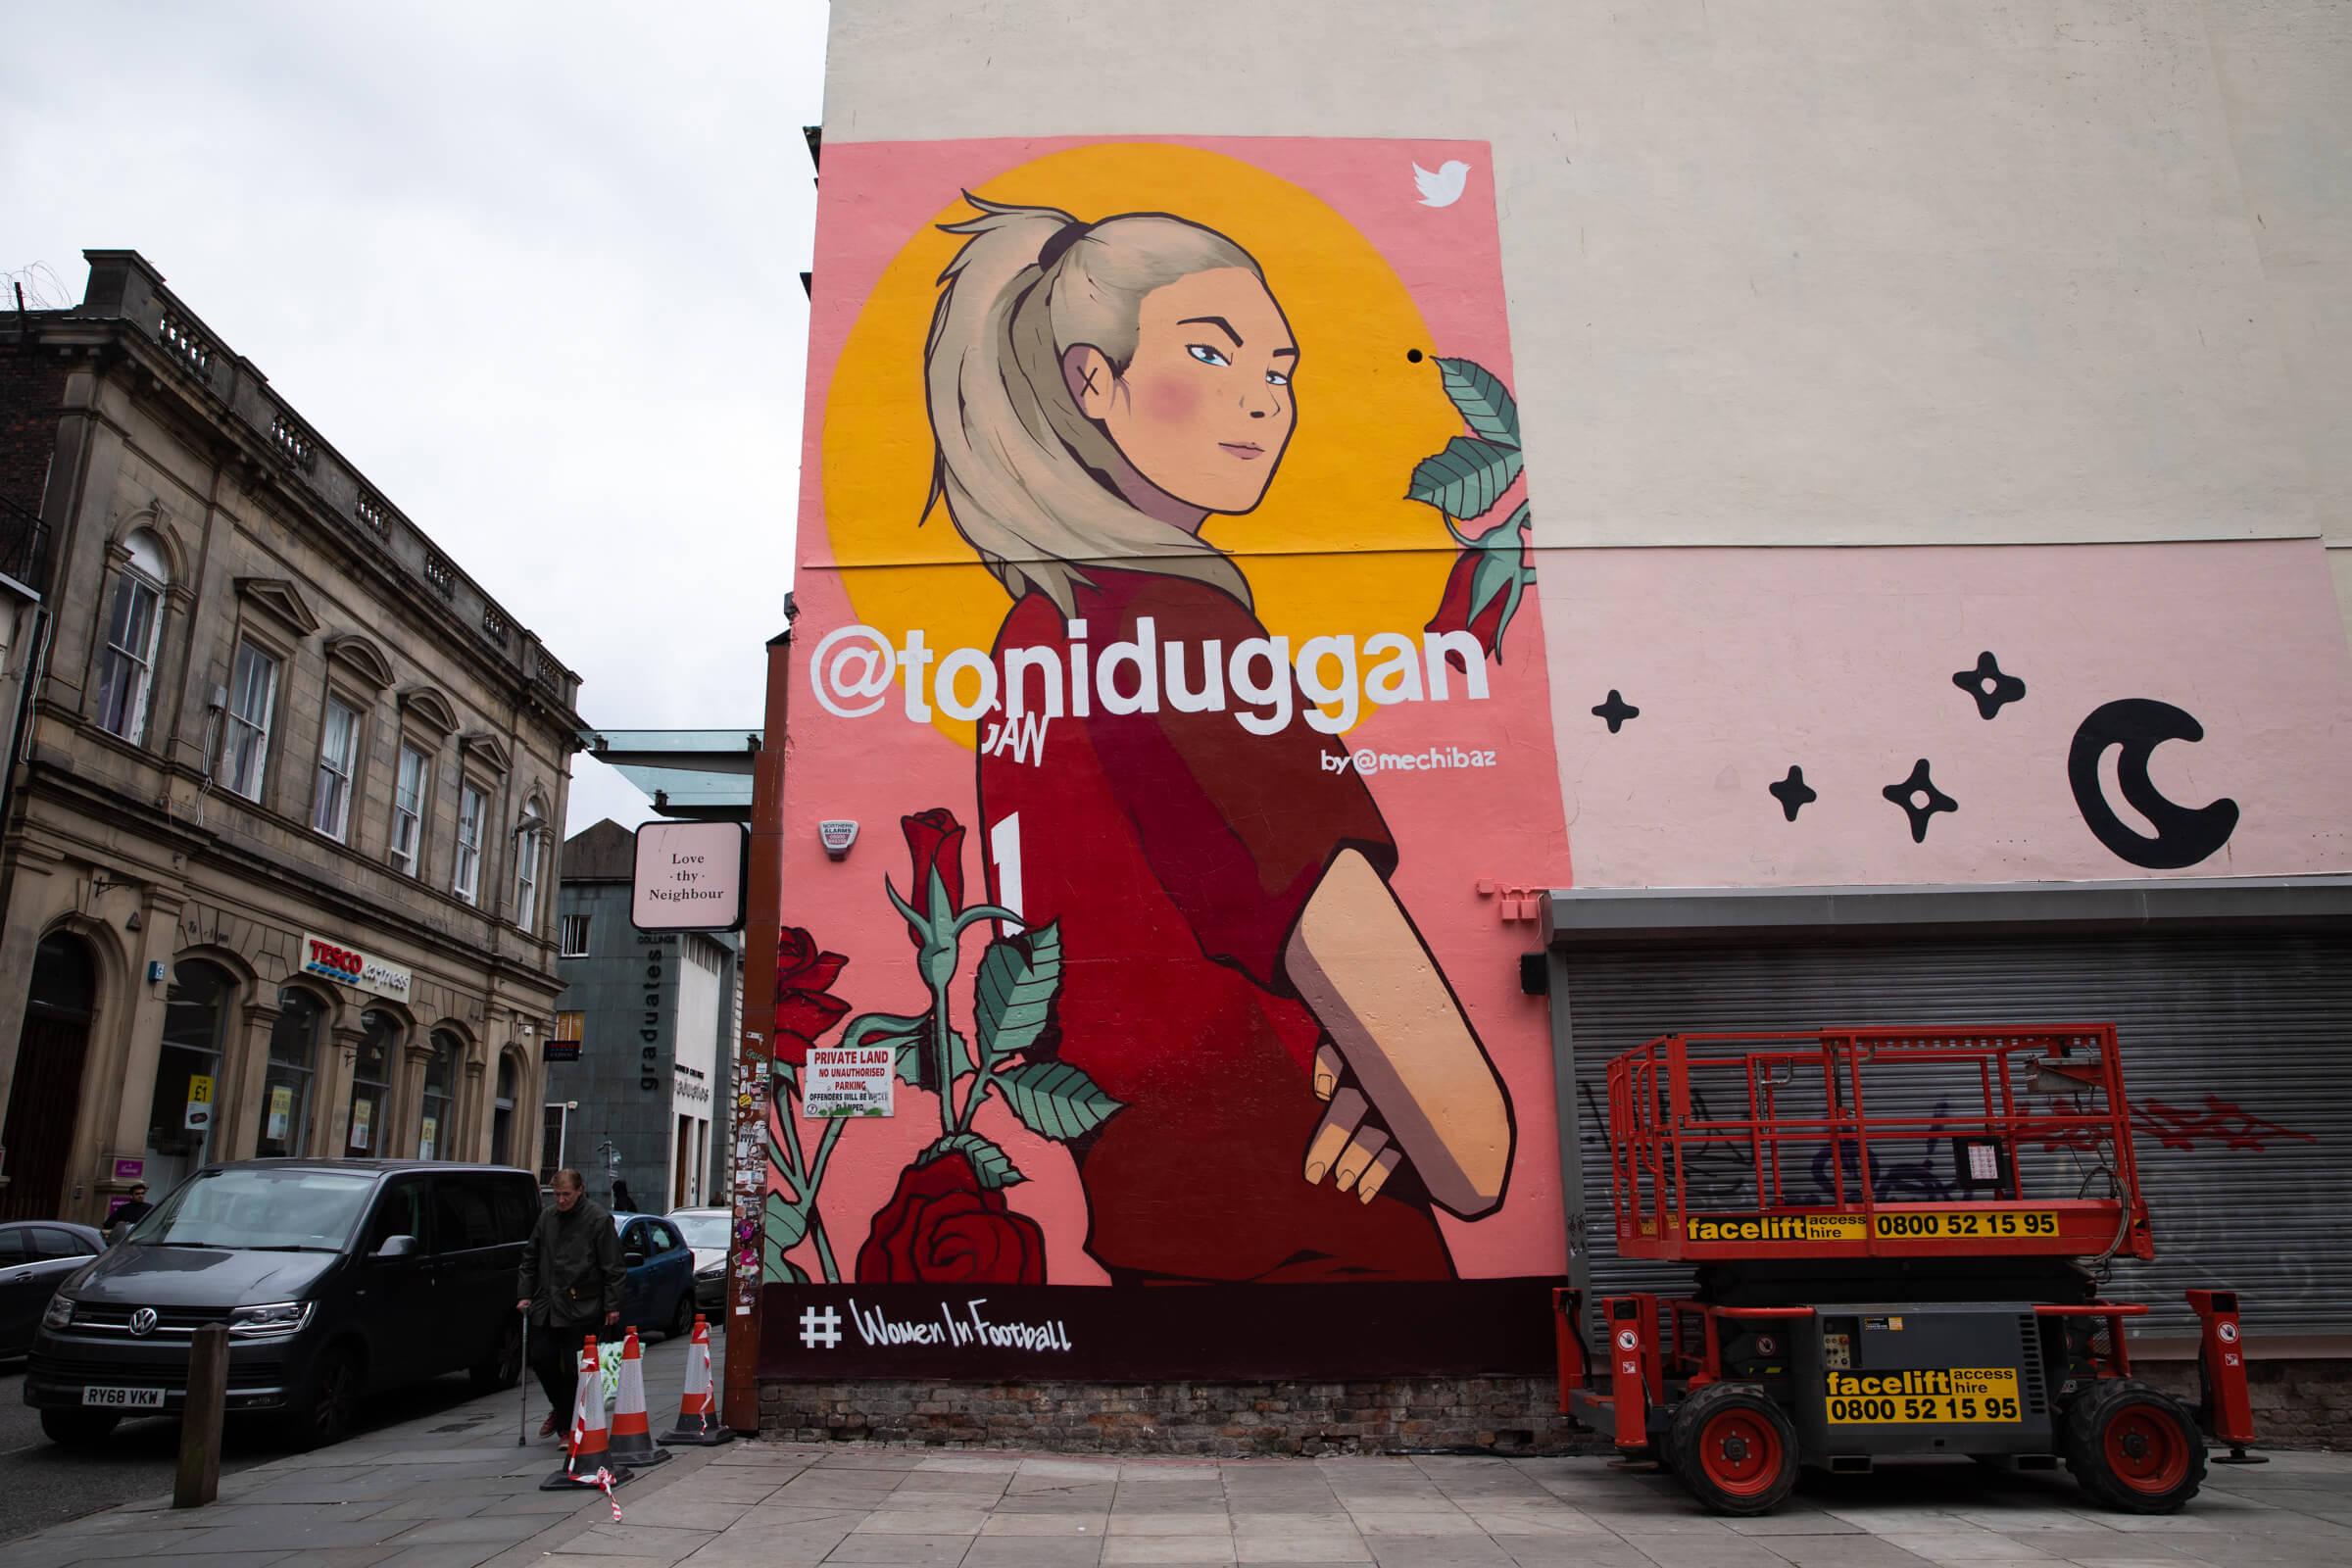 ToniDuggan